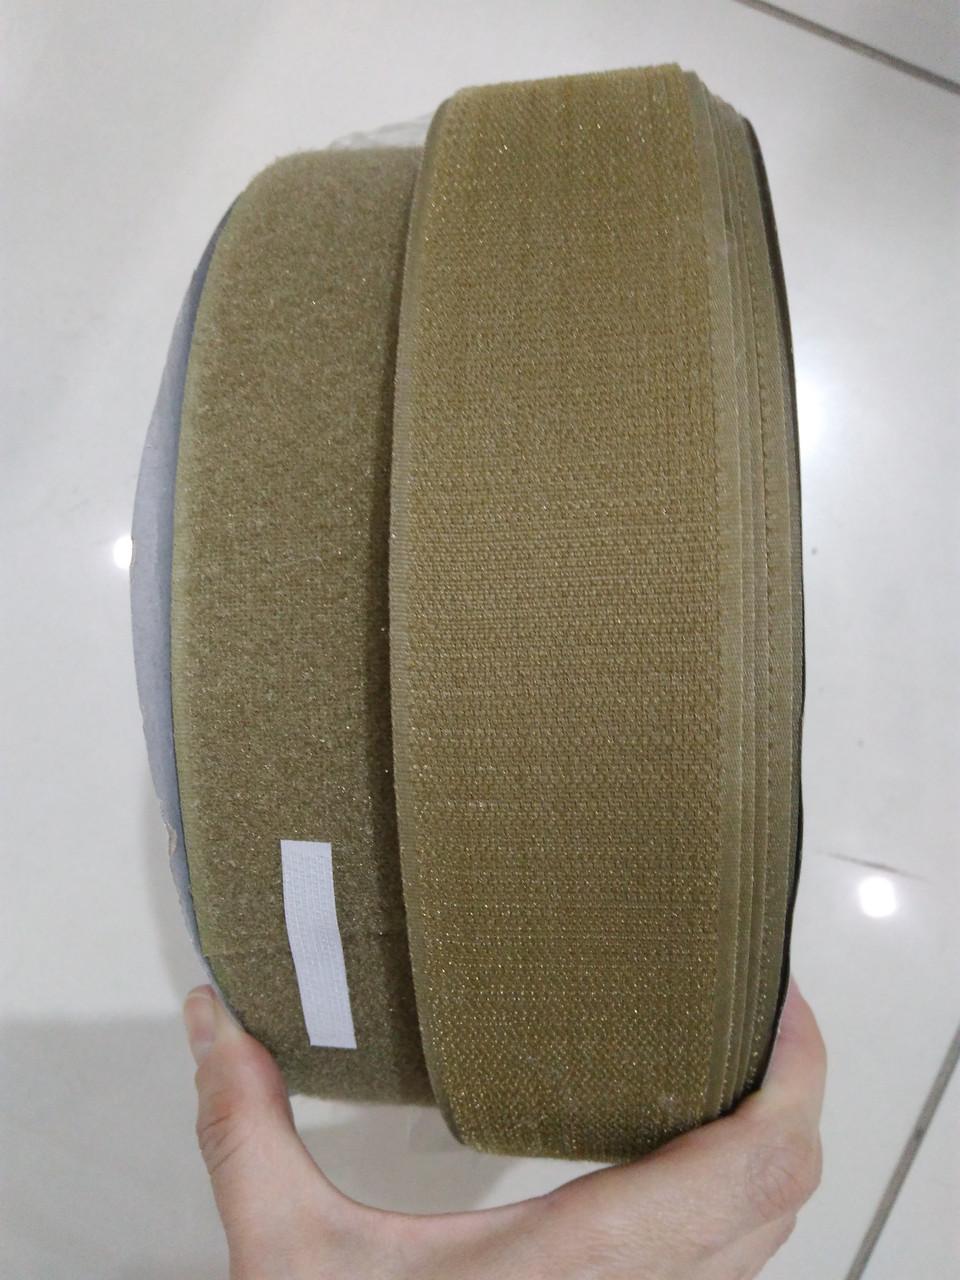 Текстильная застежка (липучка) цвет хаки S-367  50мм (боб 25м)  Veritas